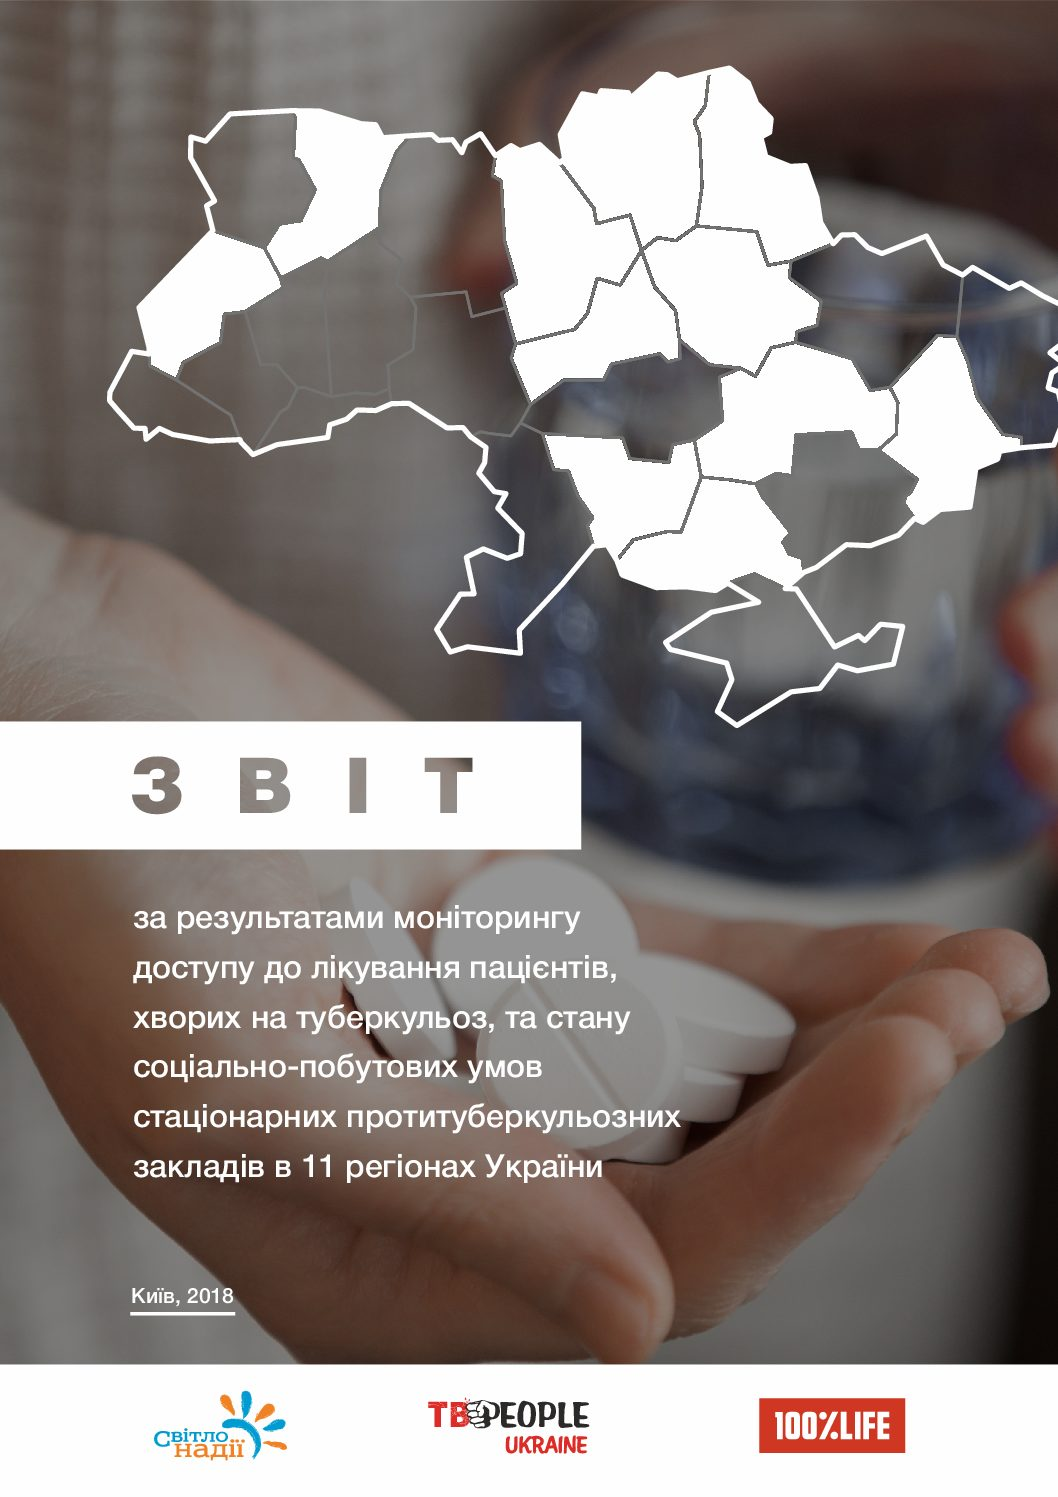 Звіт за результатами моніторингудоступу до лікування пацієнтів,хворих на туберкульоз, та станусоціально-побутових умовстаціонарних протитуберкульознихзакладів в 11 регіонах України